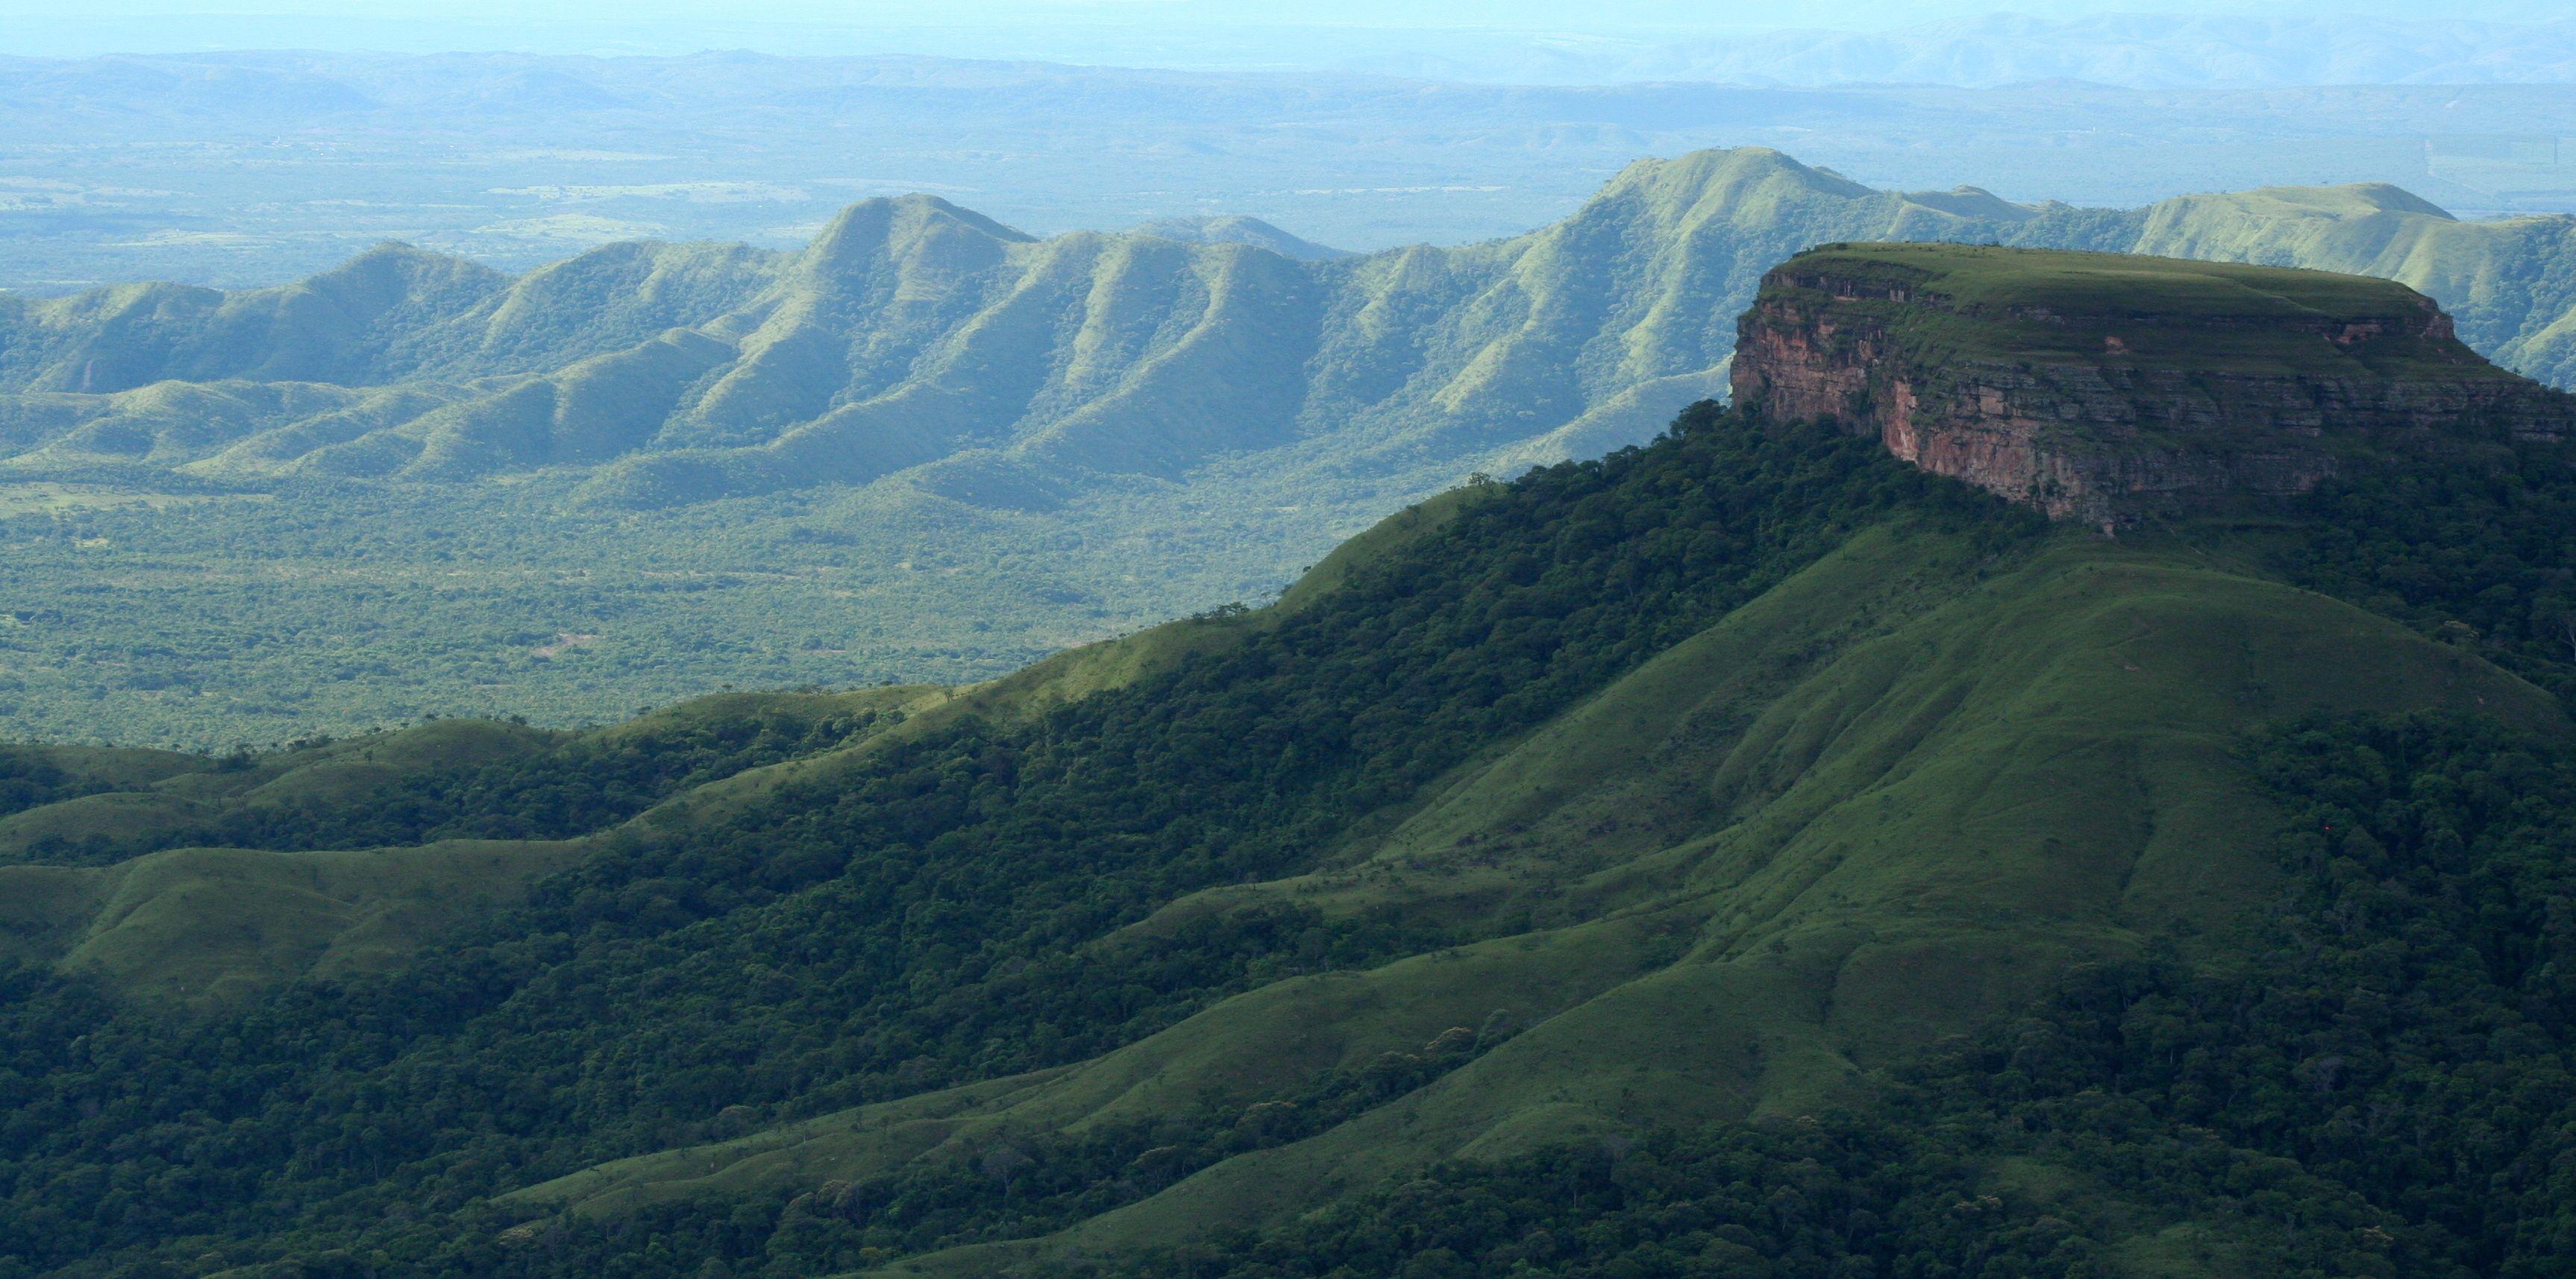 O Parque Nacional da Chapada dos Guimarães é uma unidade de conservação brasileira, situada no estado de Mato Grosso, nos municípios de Chapada dos Guimarães e Cuiabá.